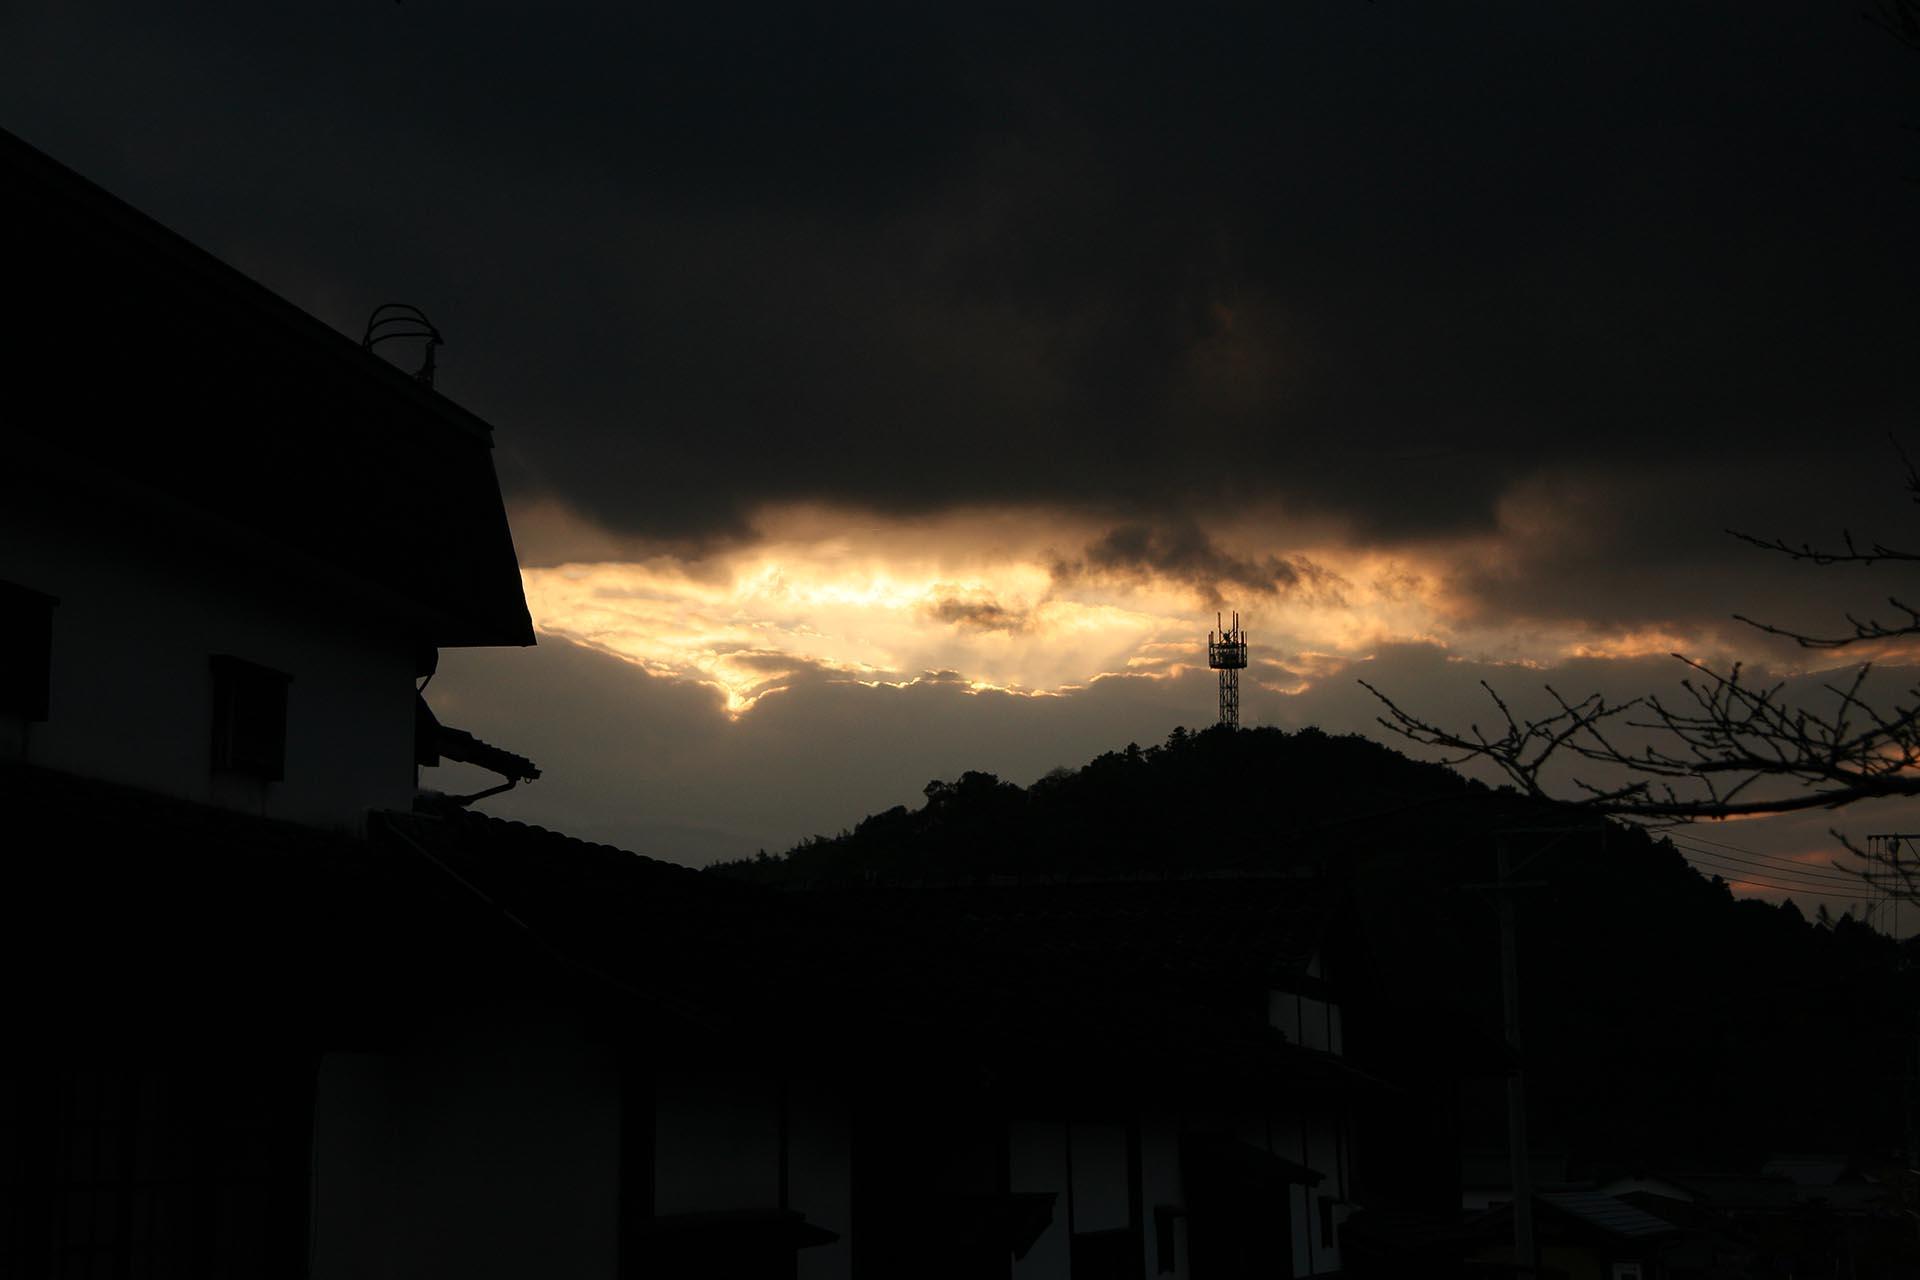 朝倉の夕暮れ風景 福岡の風景